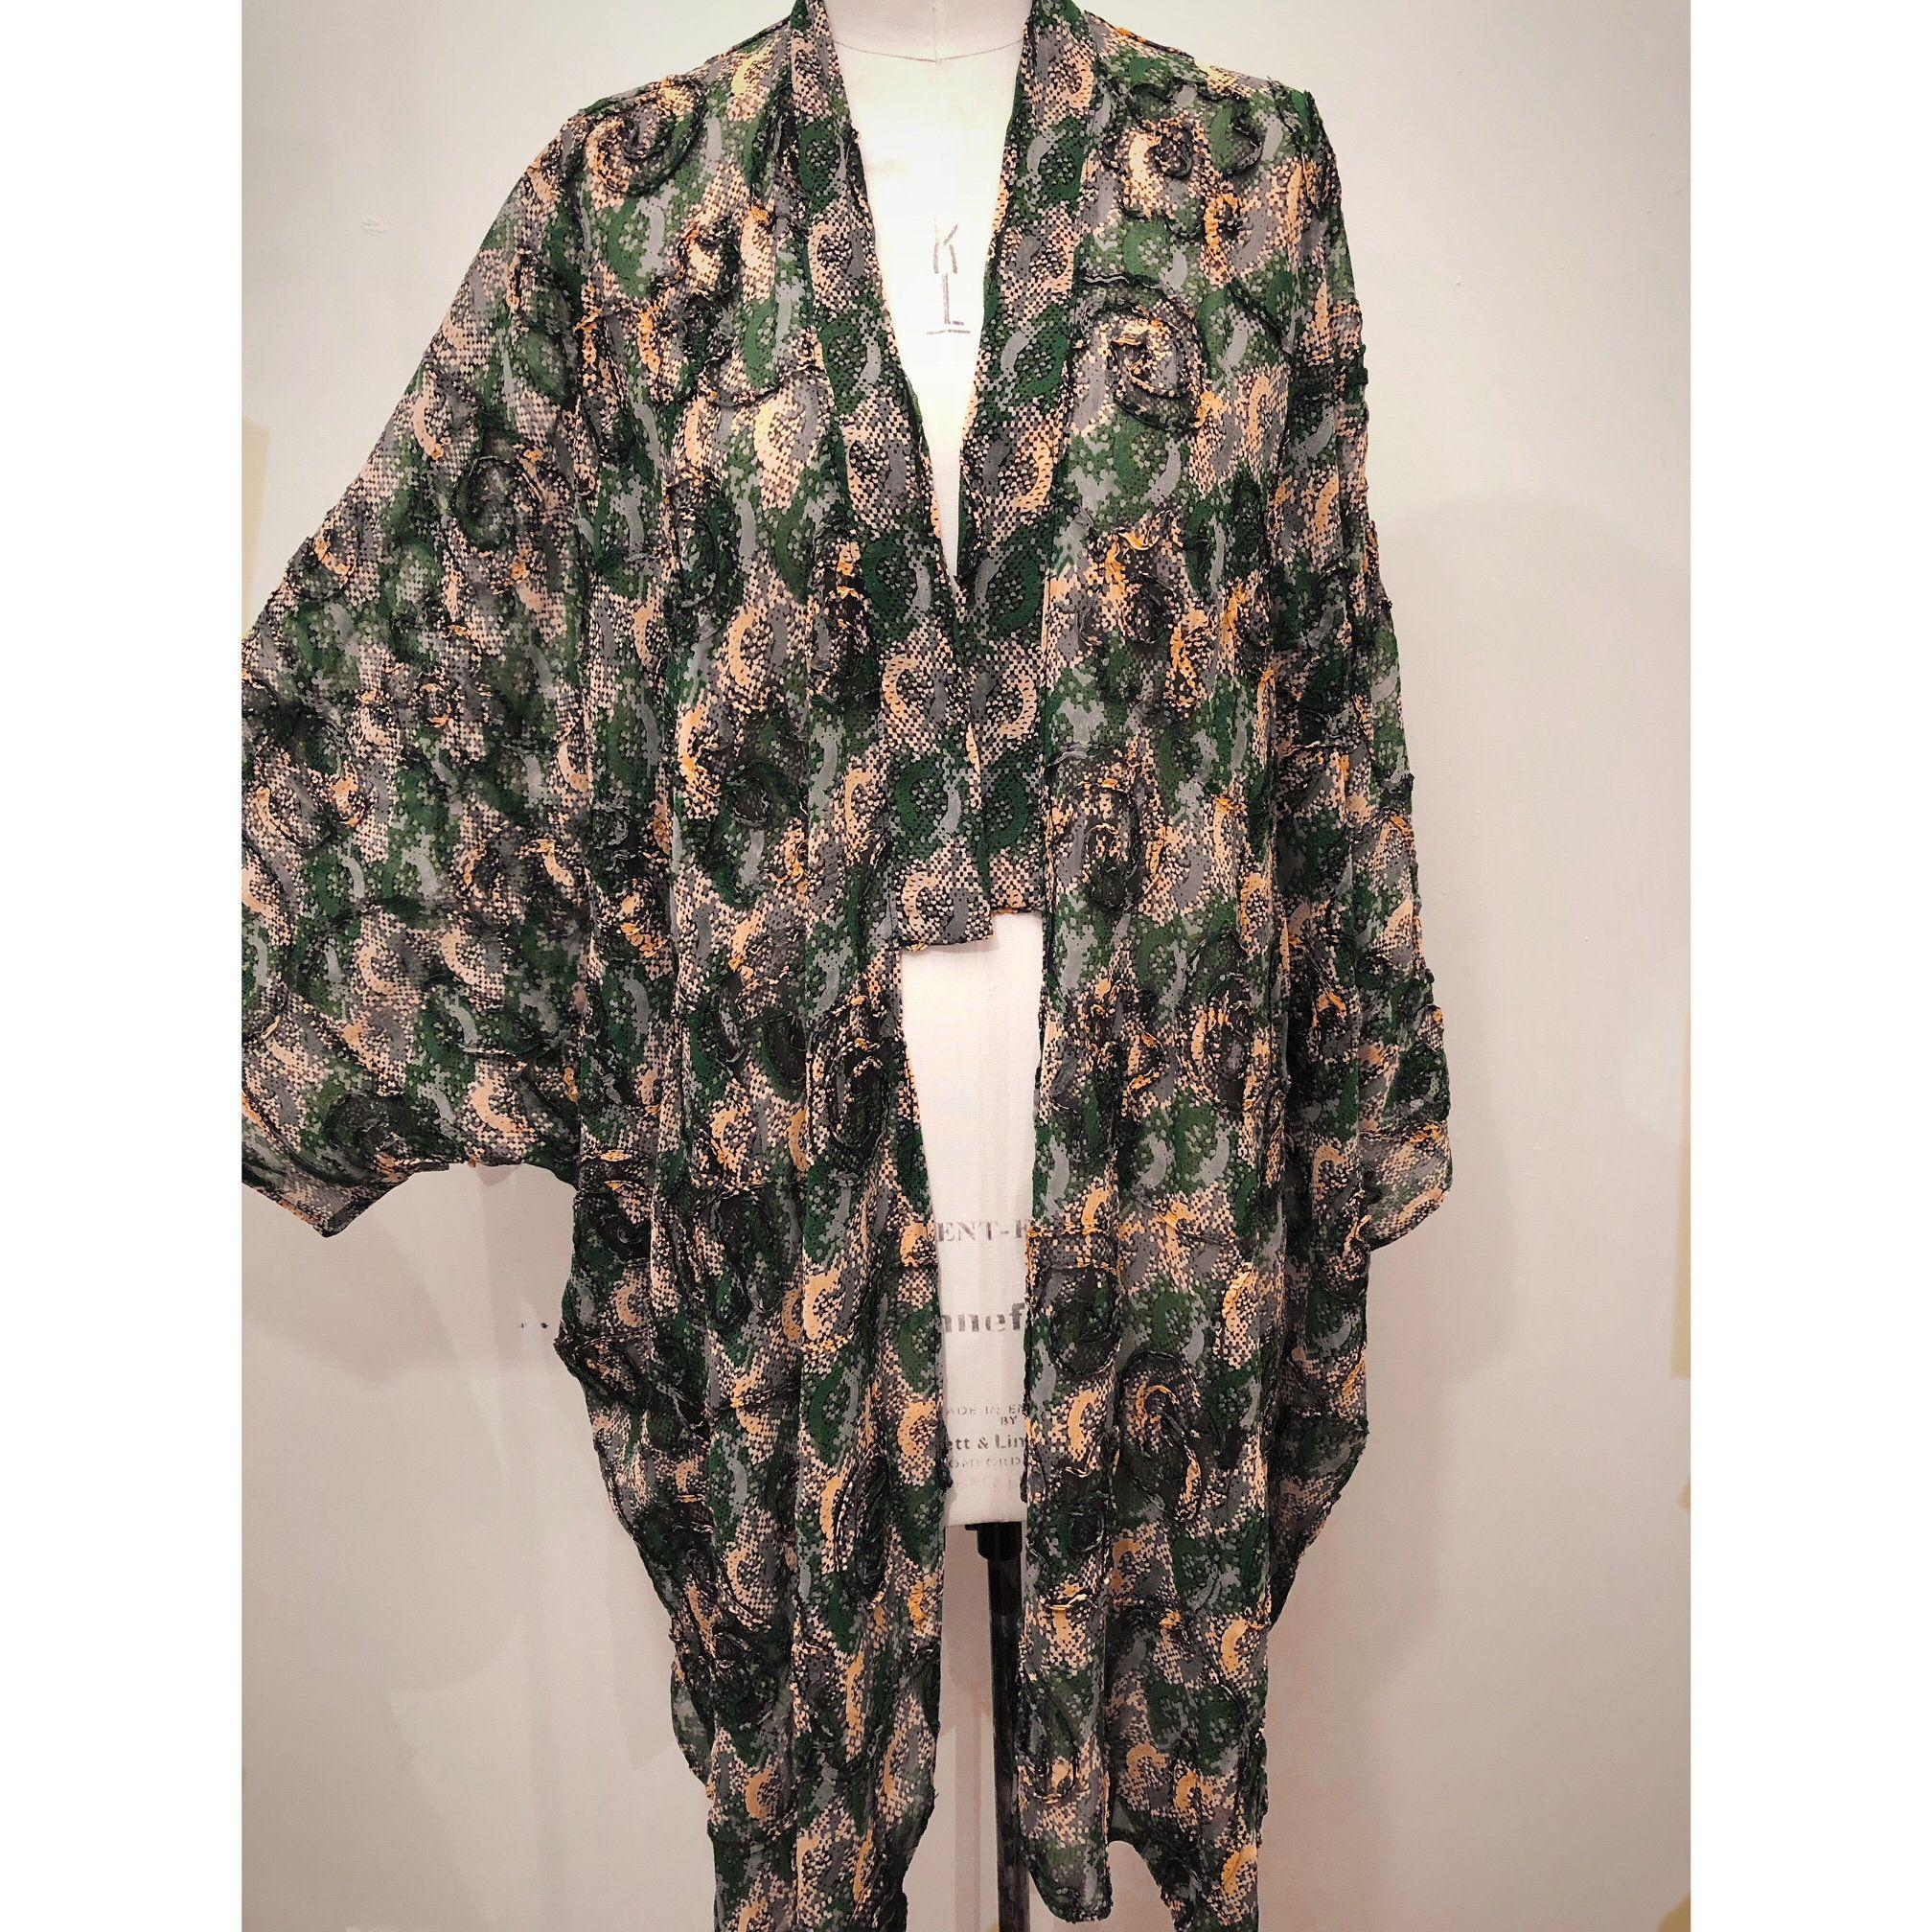 Gorgeous green print soft jacket plus size kimono for women